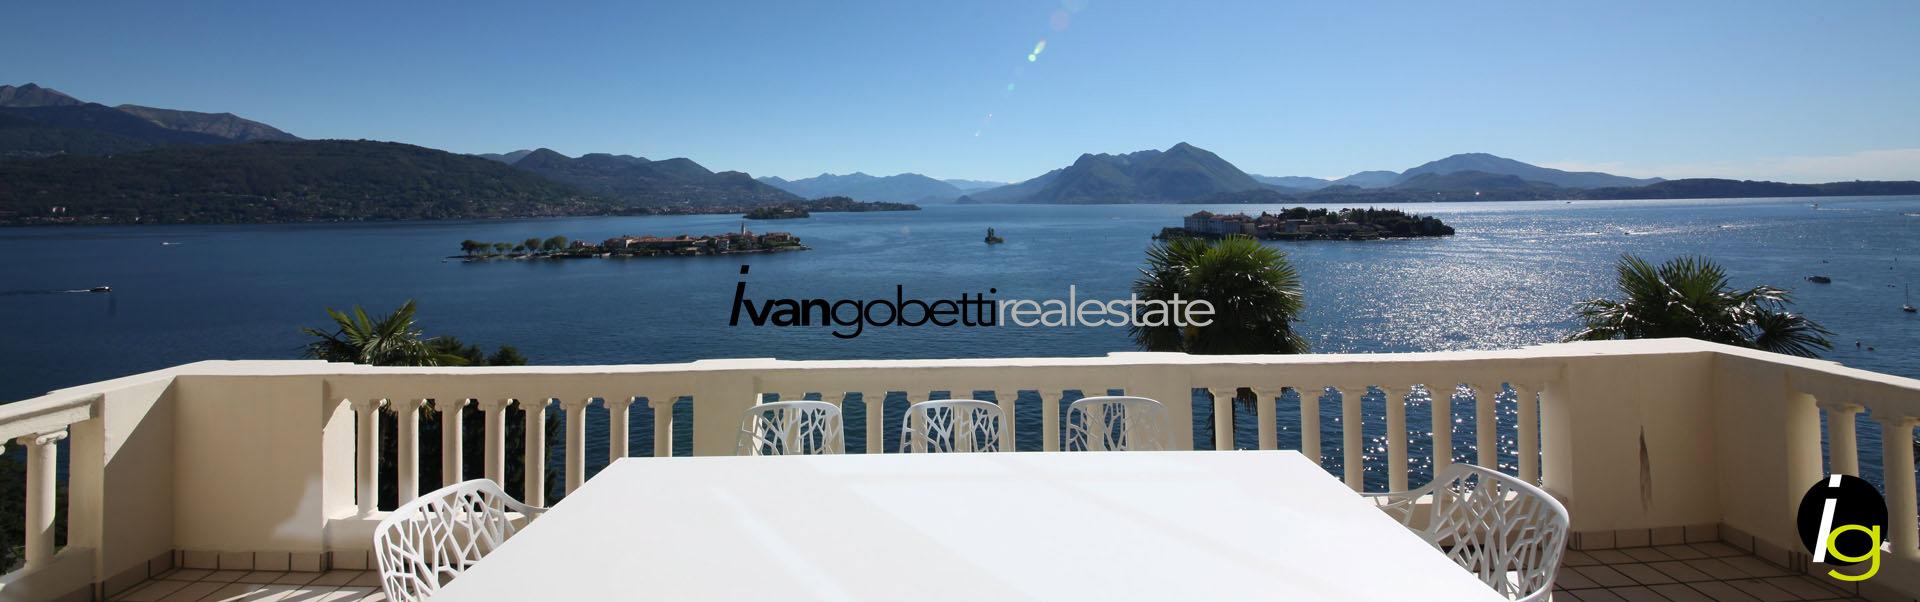 Ricerchiamo villa sul lago di Como